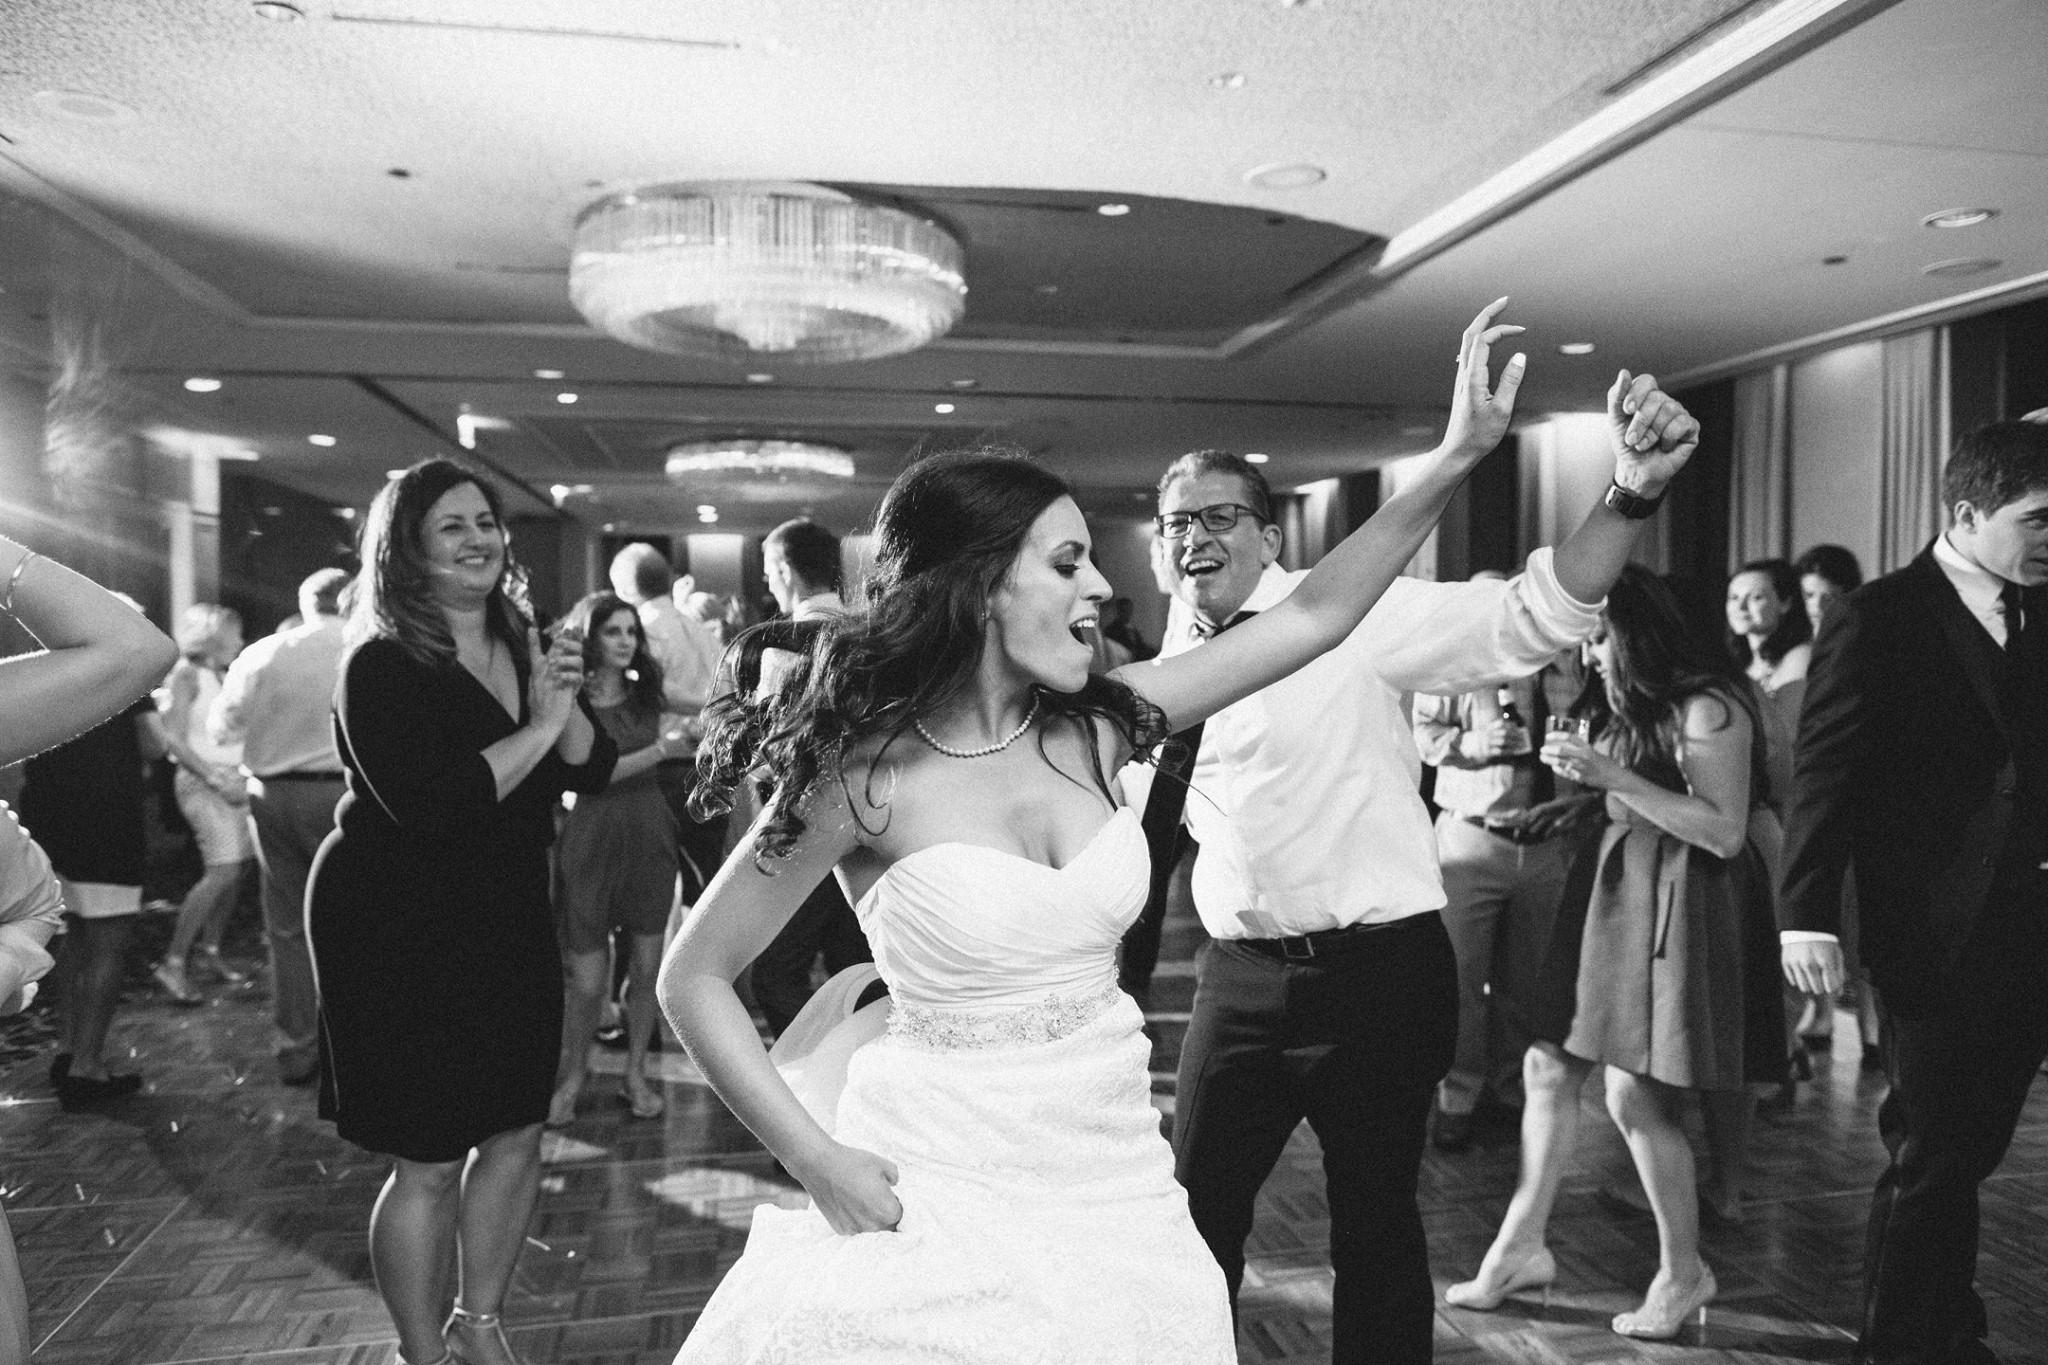 Aon_Jablonski_Weidman_7_dance.jpg